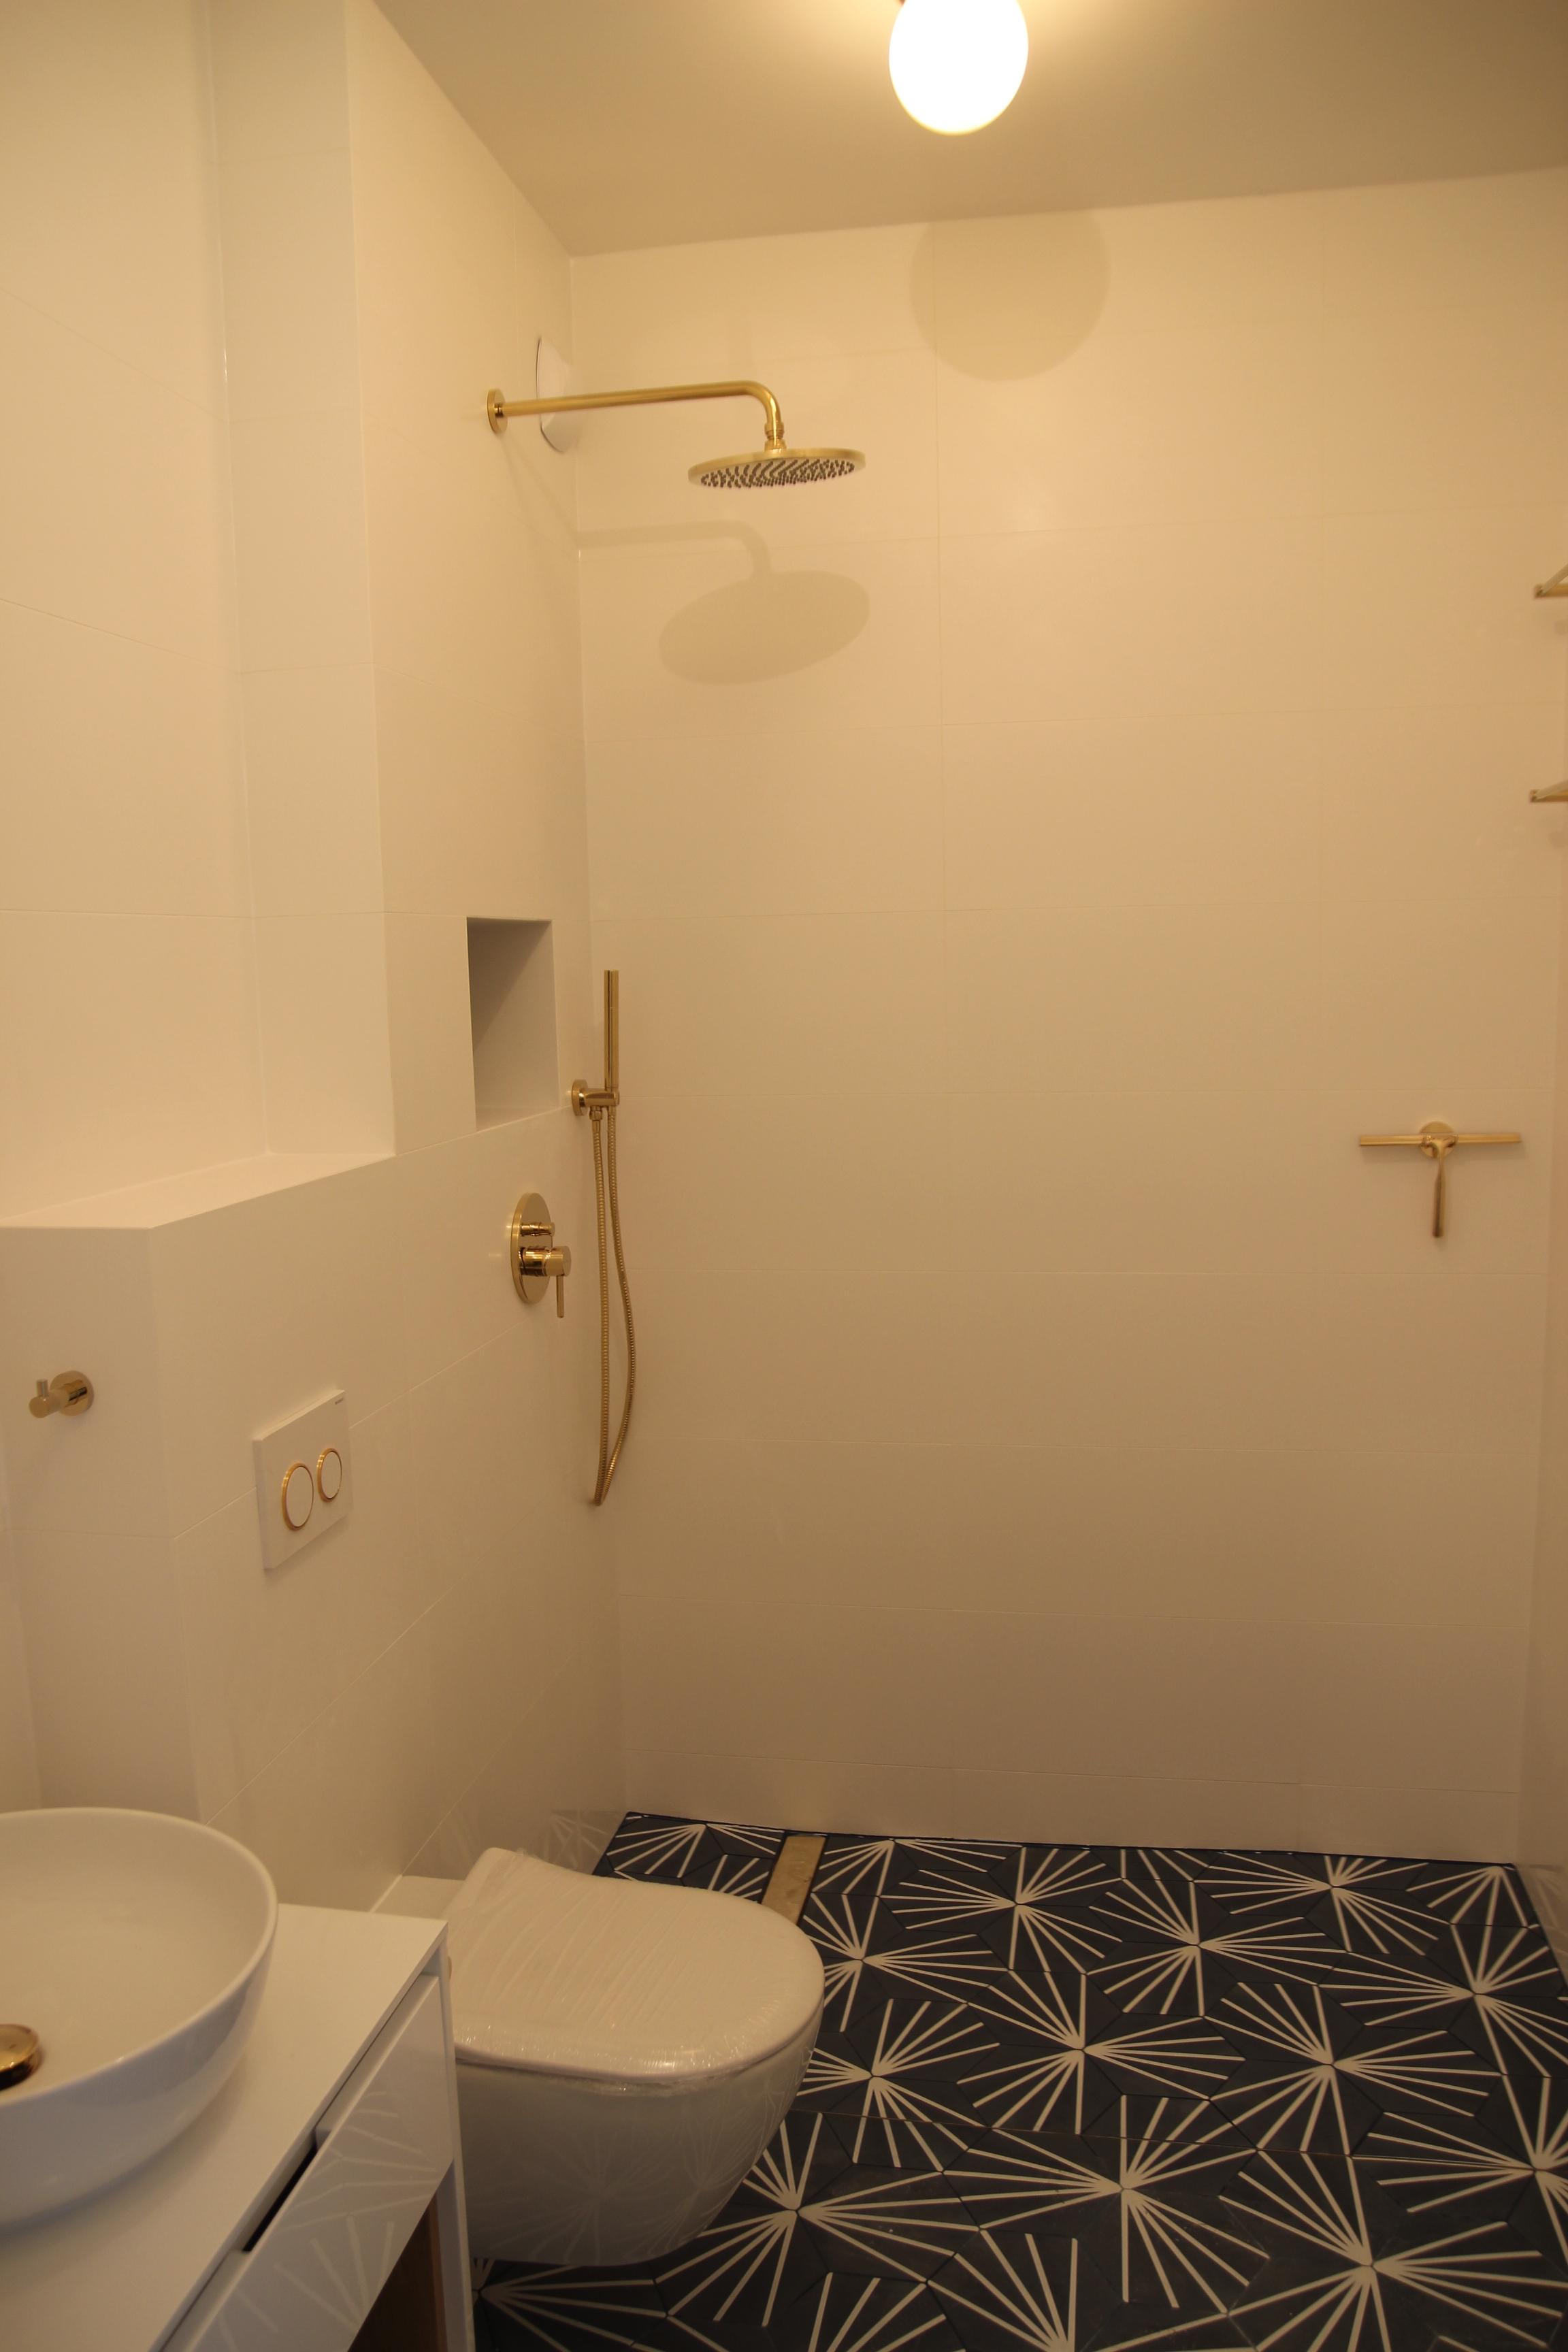 łazienka pozłacana